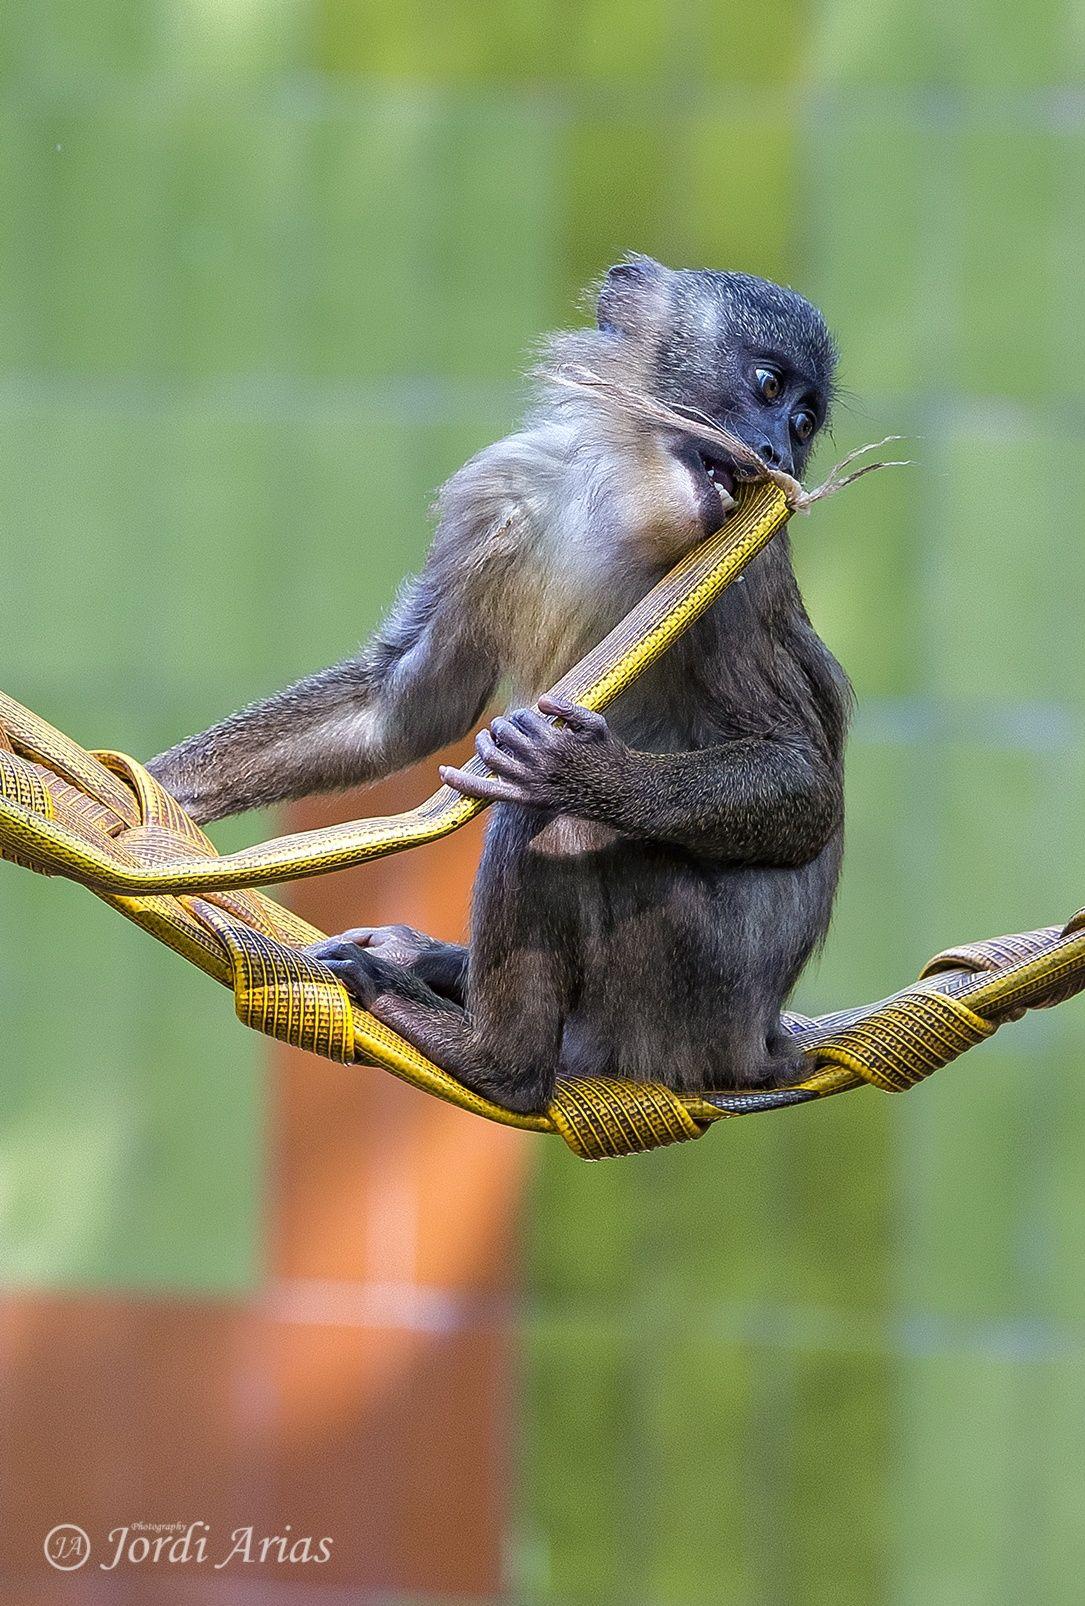 Monkey by Jordi Arias on 500px